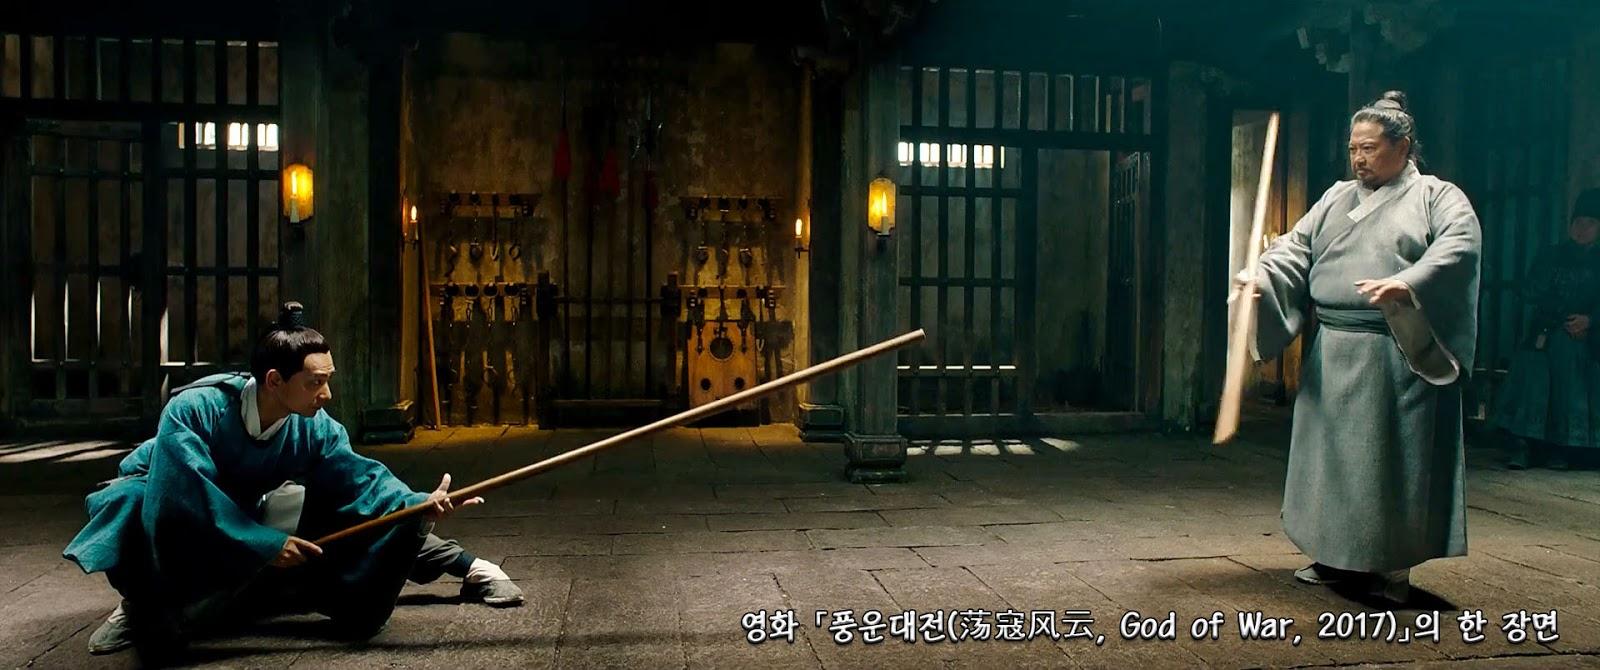 God of War 2017 scene 01